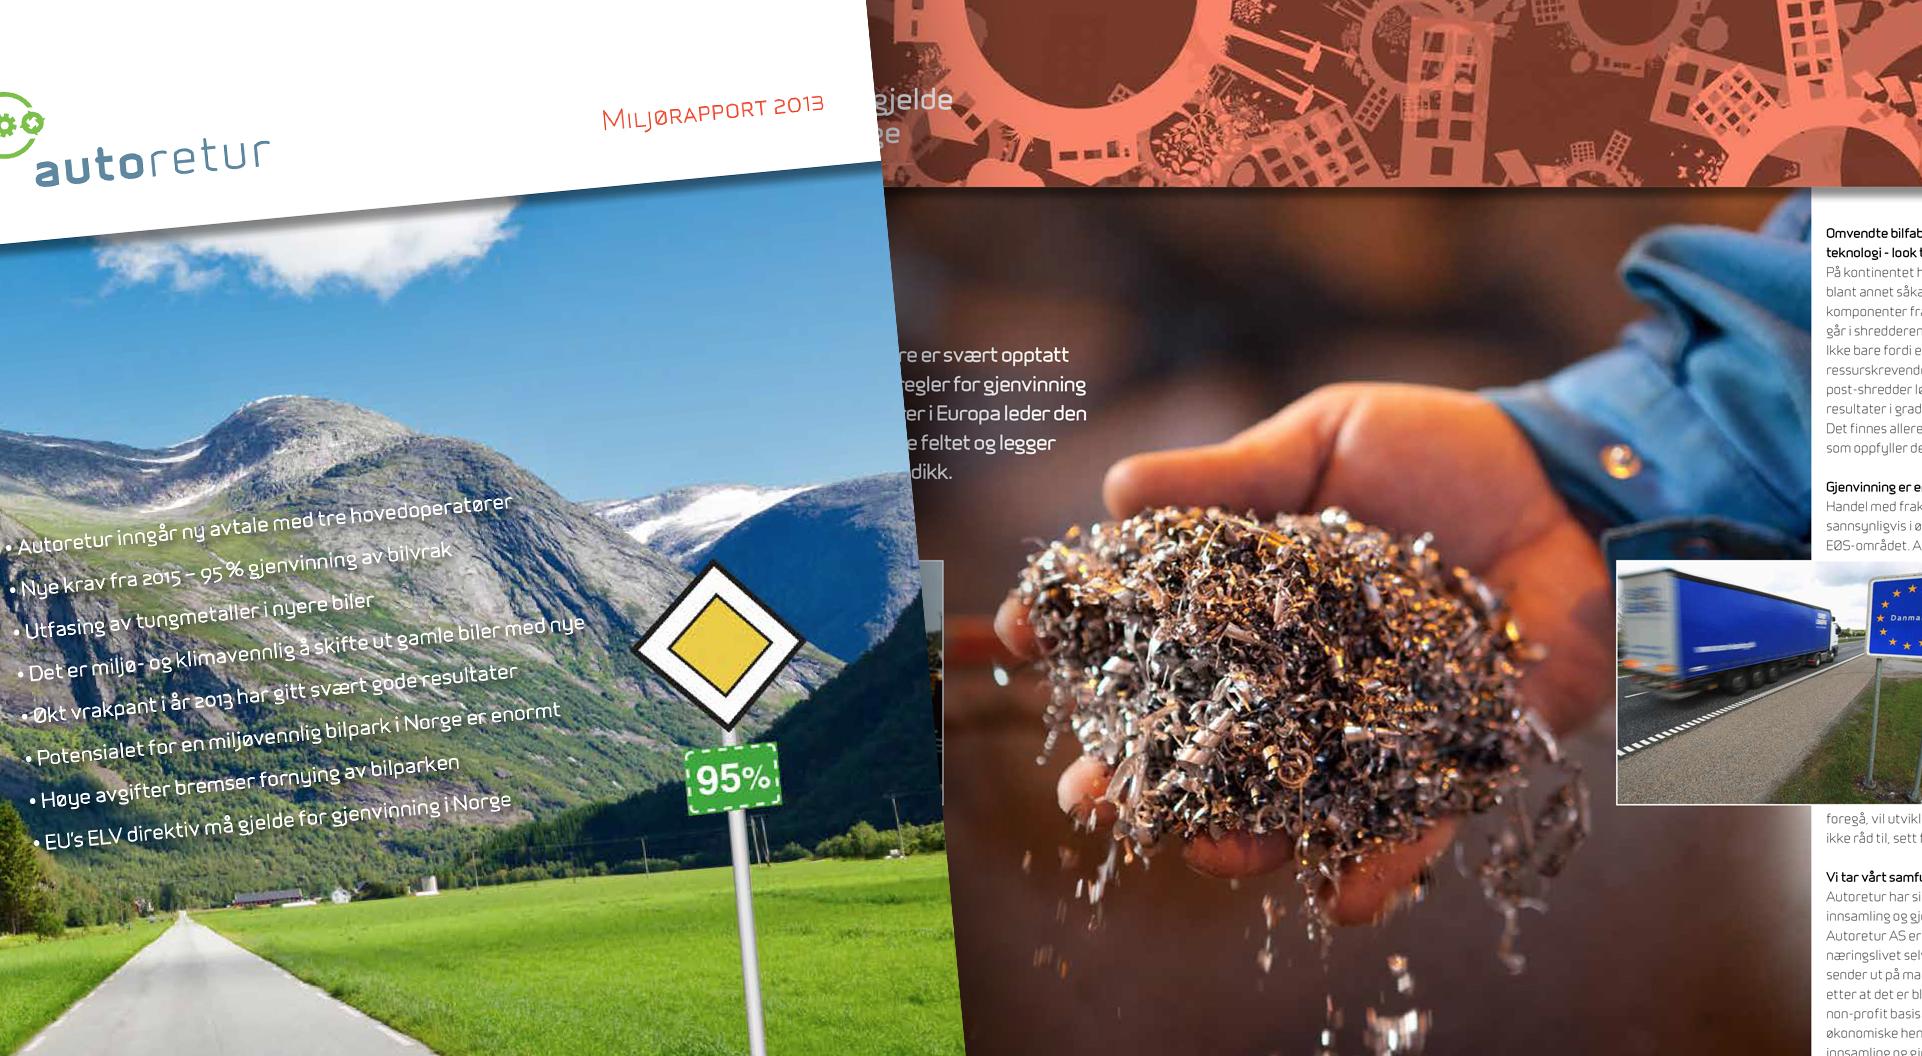 Miljørapporten for 2013